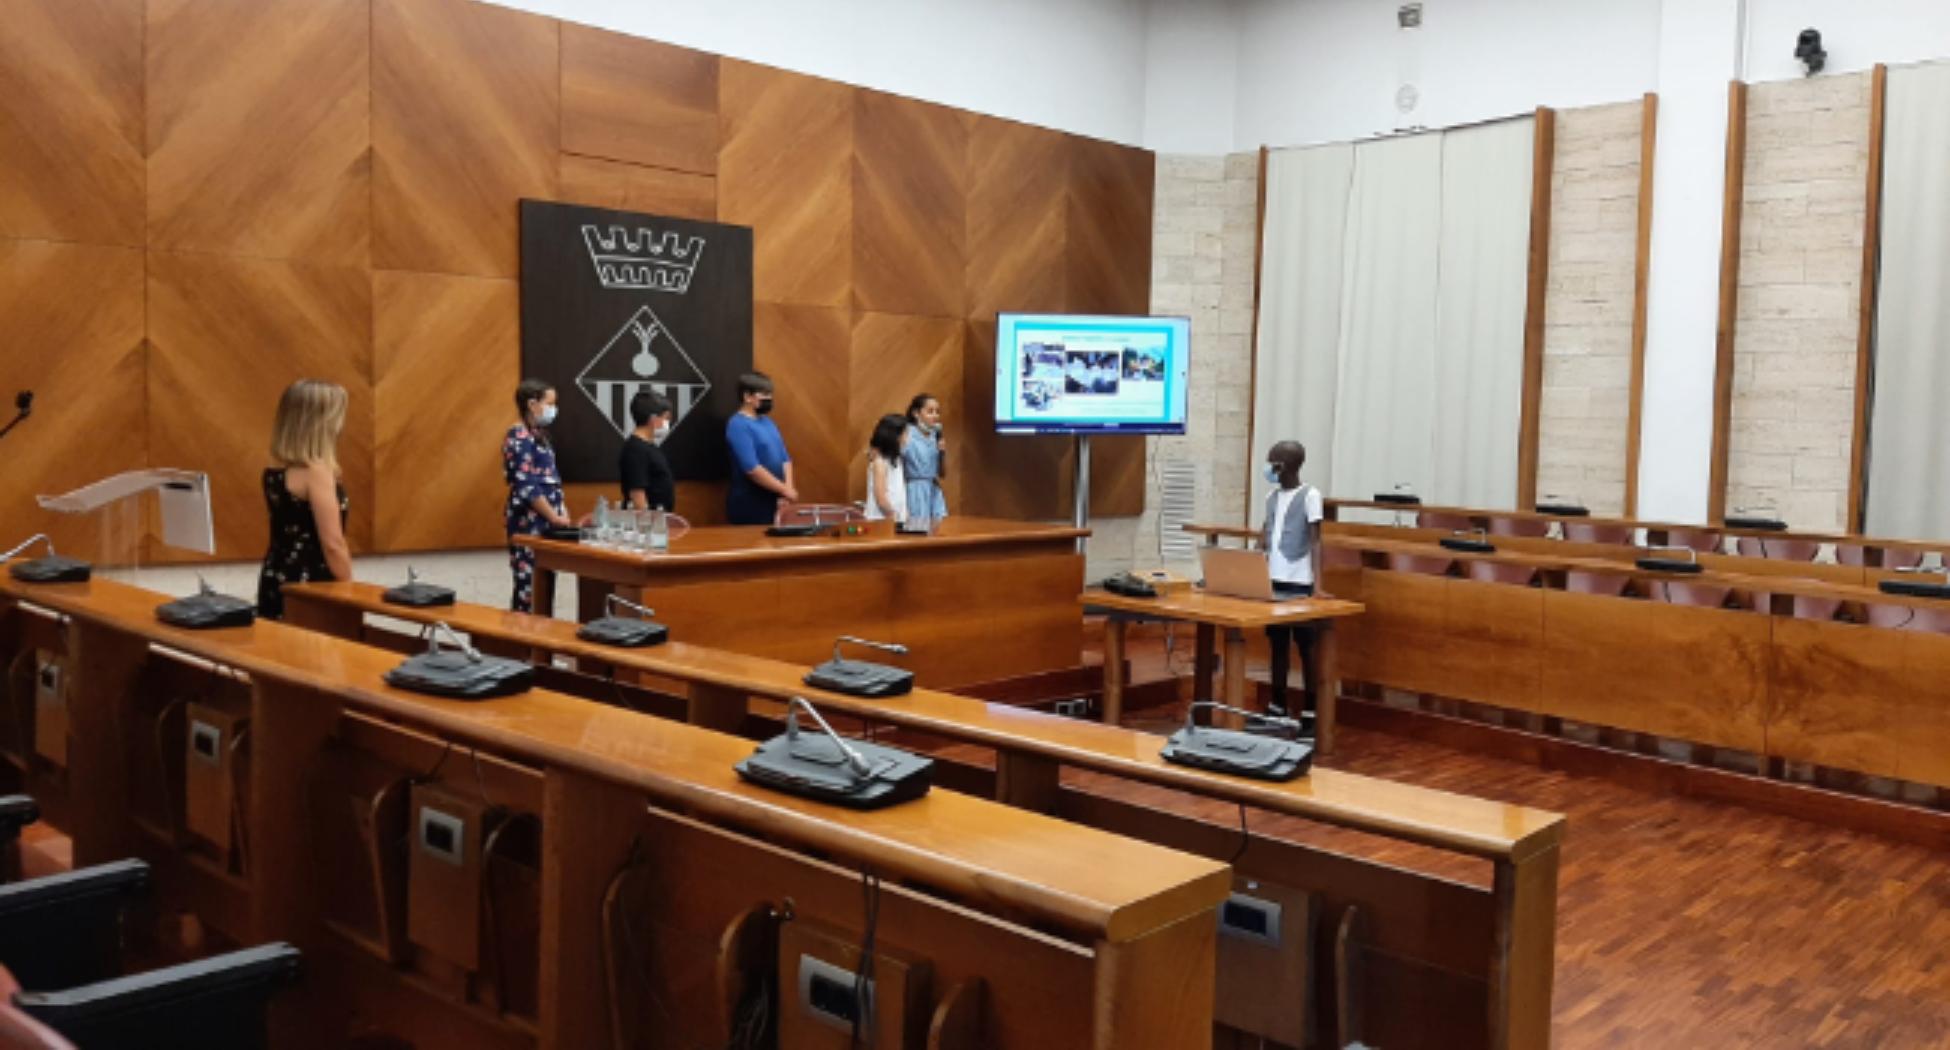 Alumnat de l'Escola Arraona presenta a l'Ajuntament el projecte d'hort que desenvolupen al centre educatiu